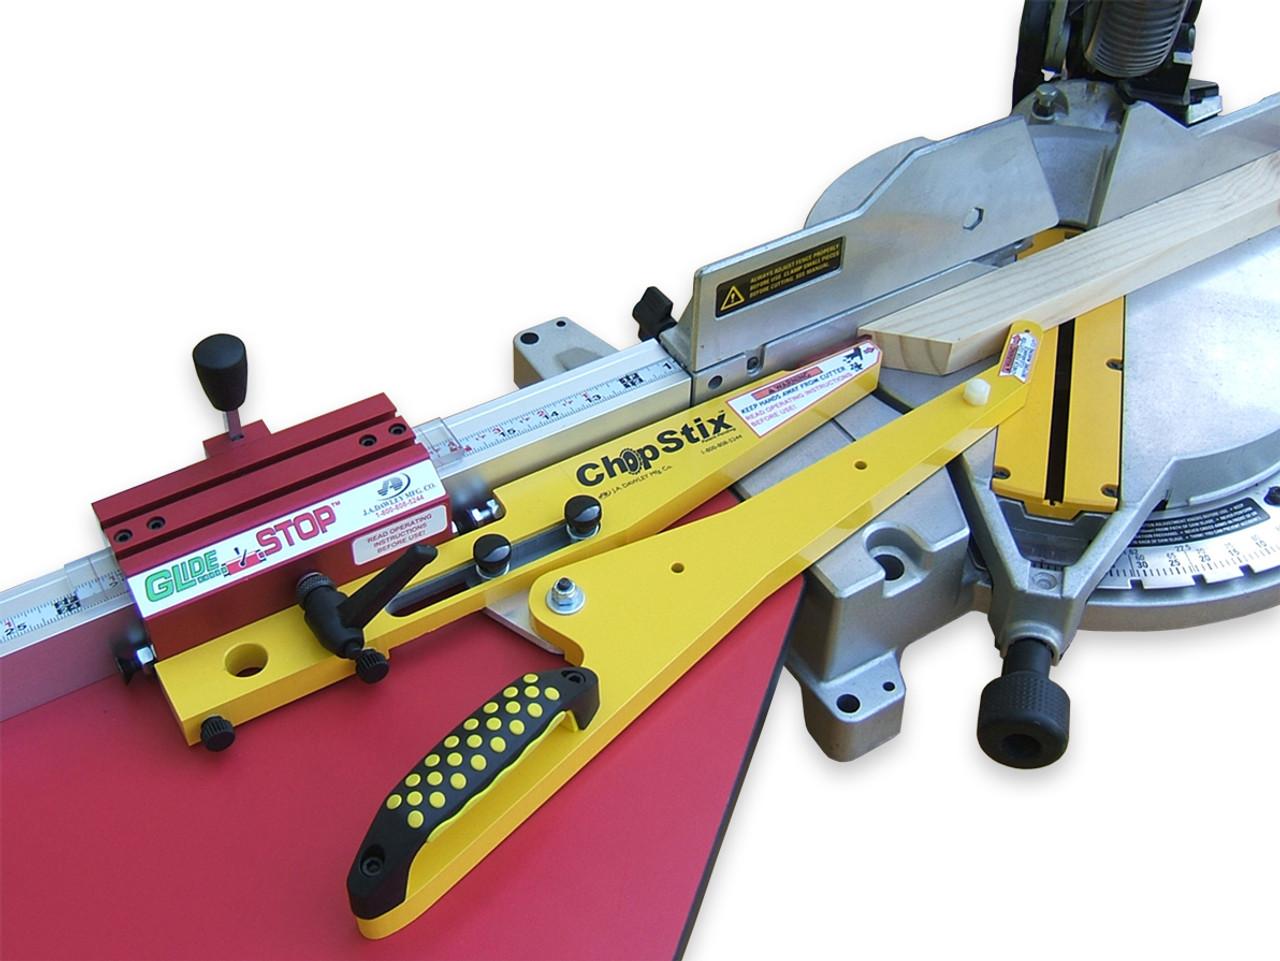 GS-118 - GlideStop-ChopStix on Saw, by Hoffmann-USA.com.jpg